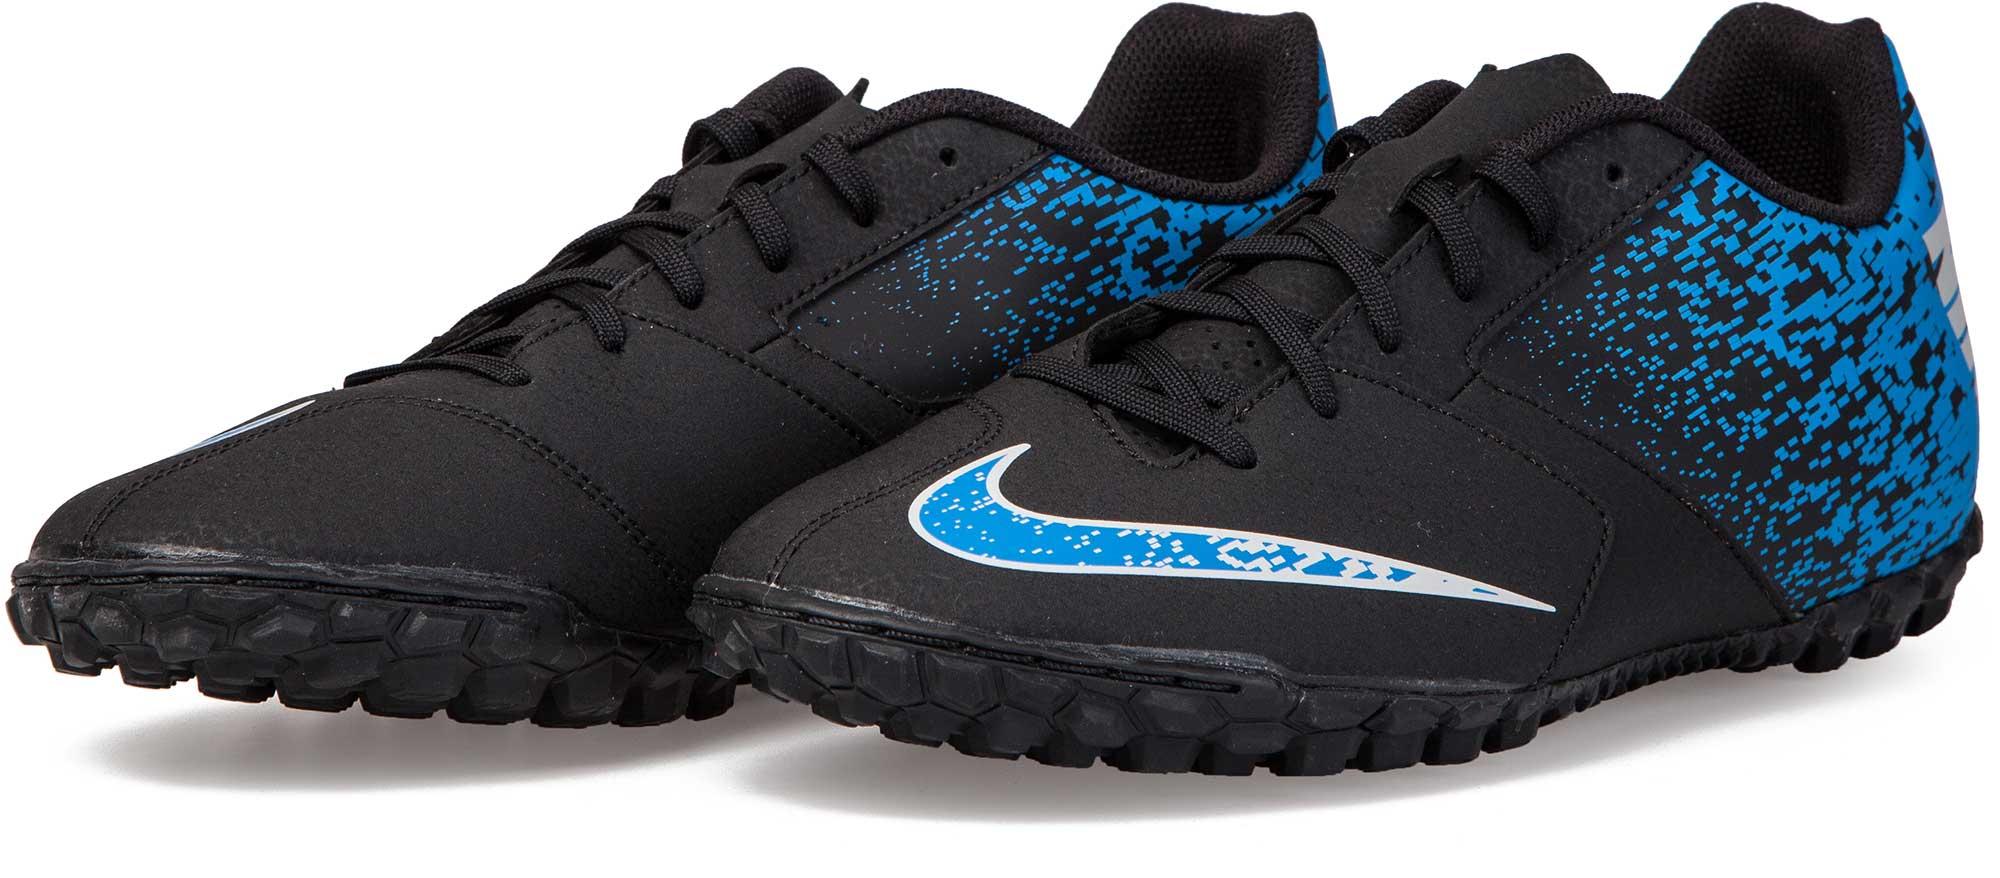 Nike BOMBAX TF | sportisimo.com